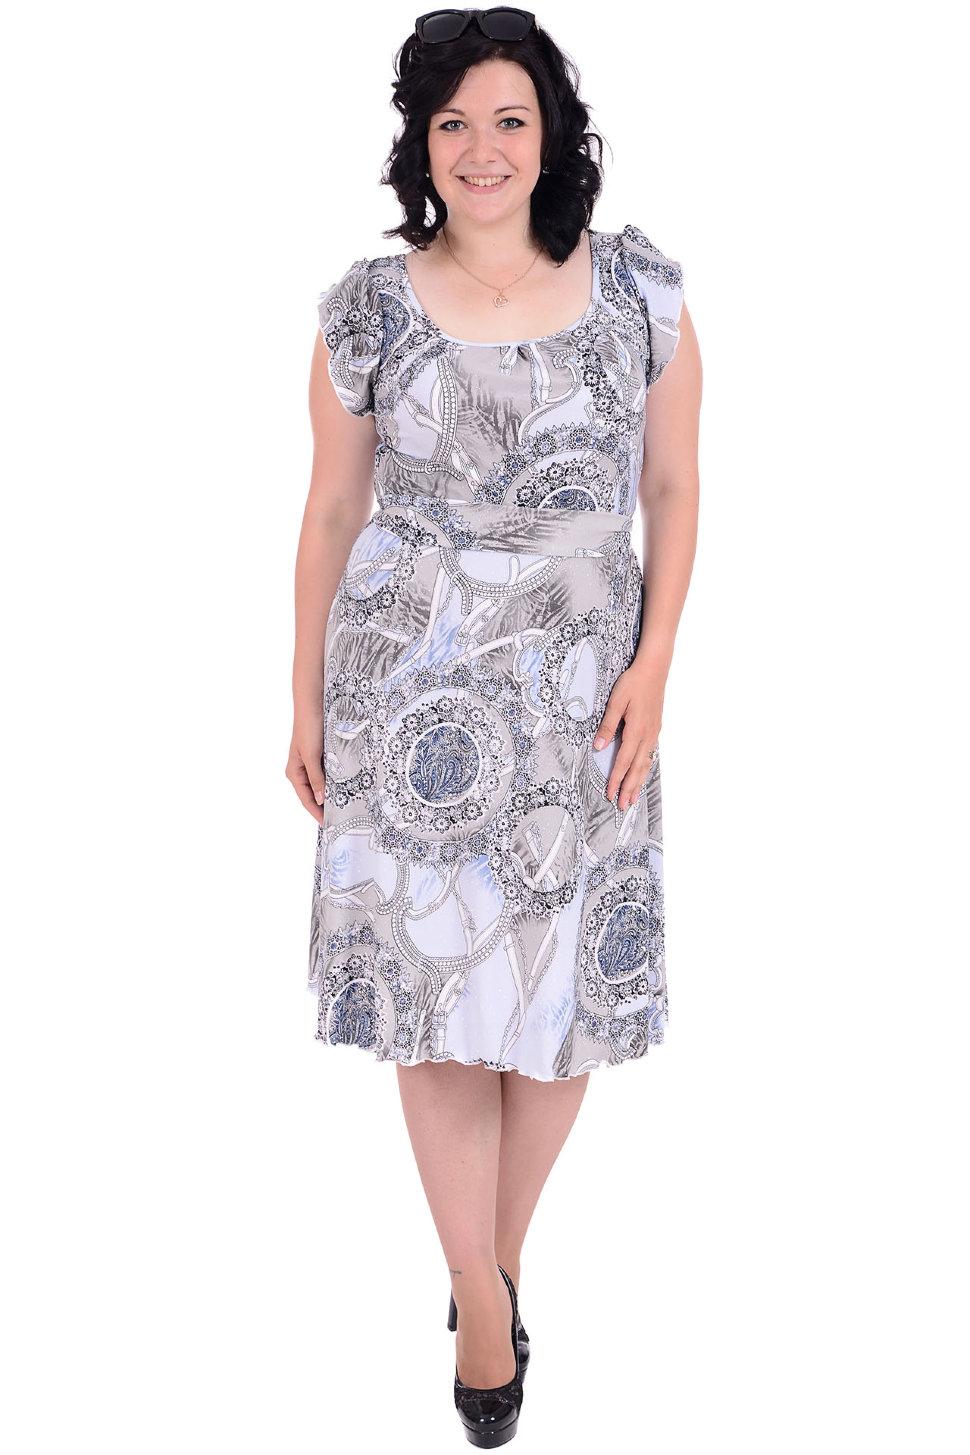 Женская Одежда Почтой Интернет Магазин С Доставкой